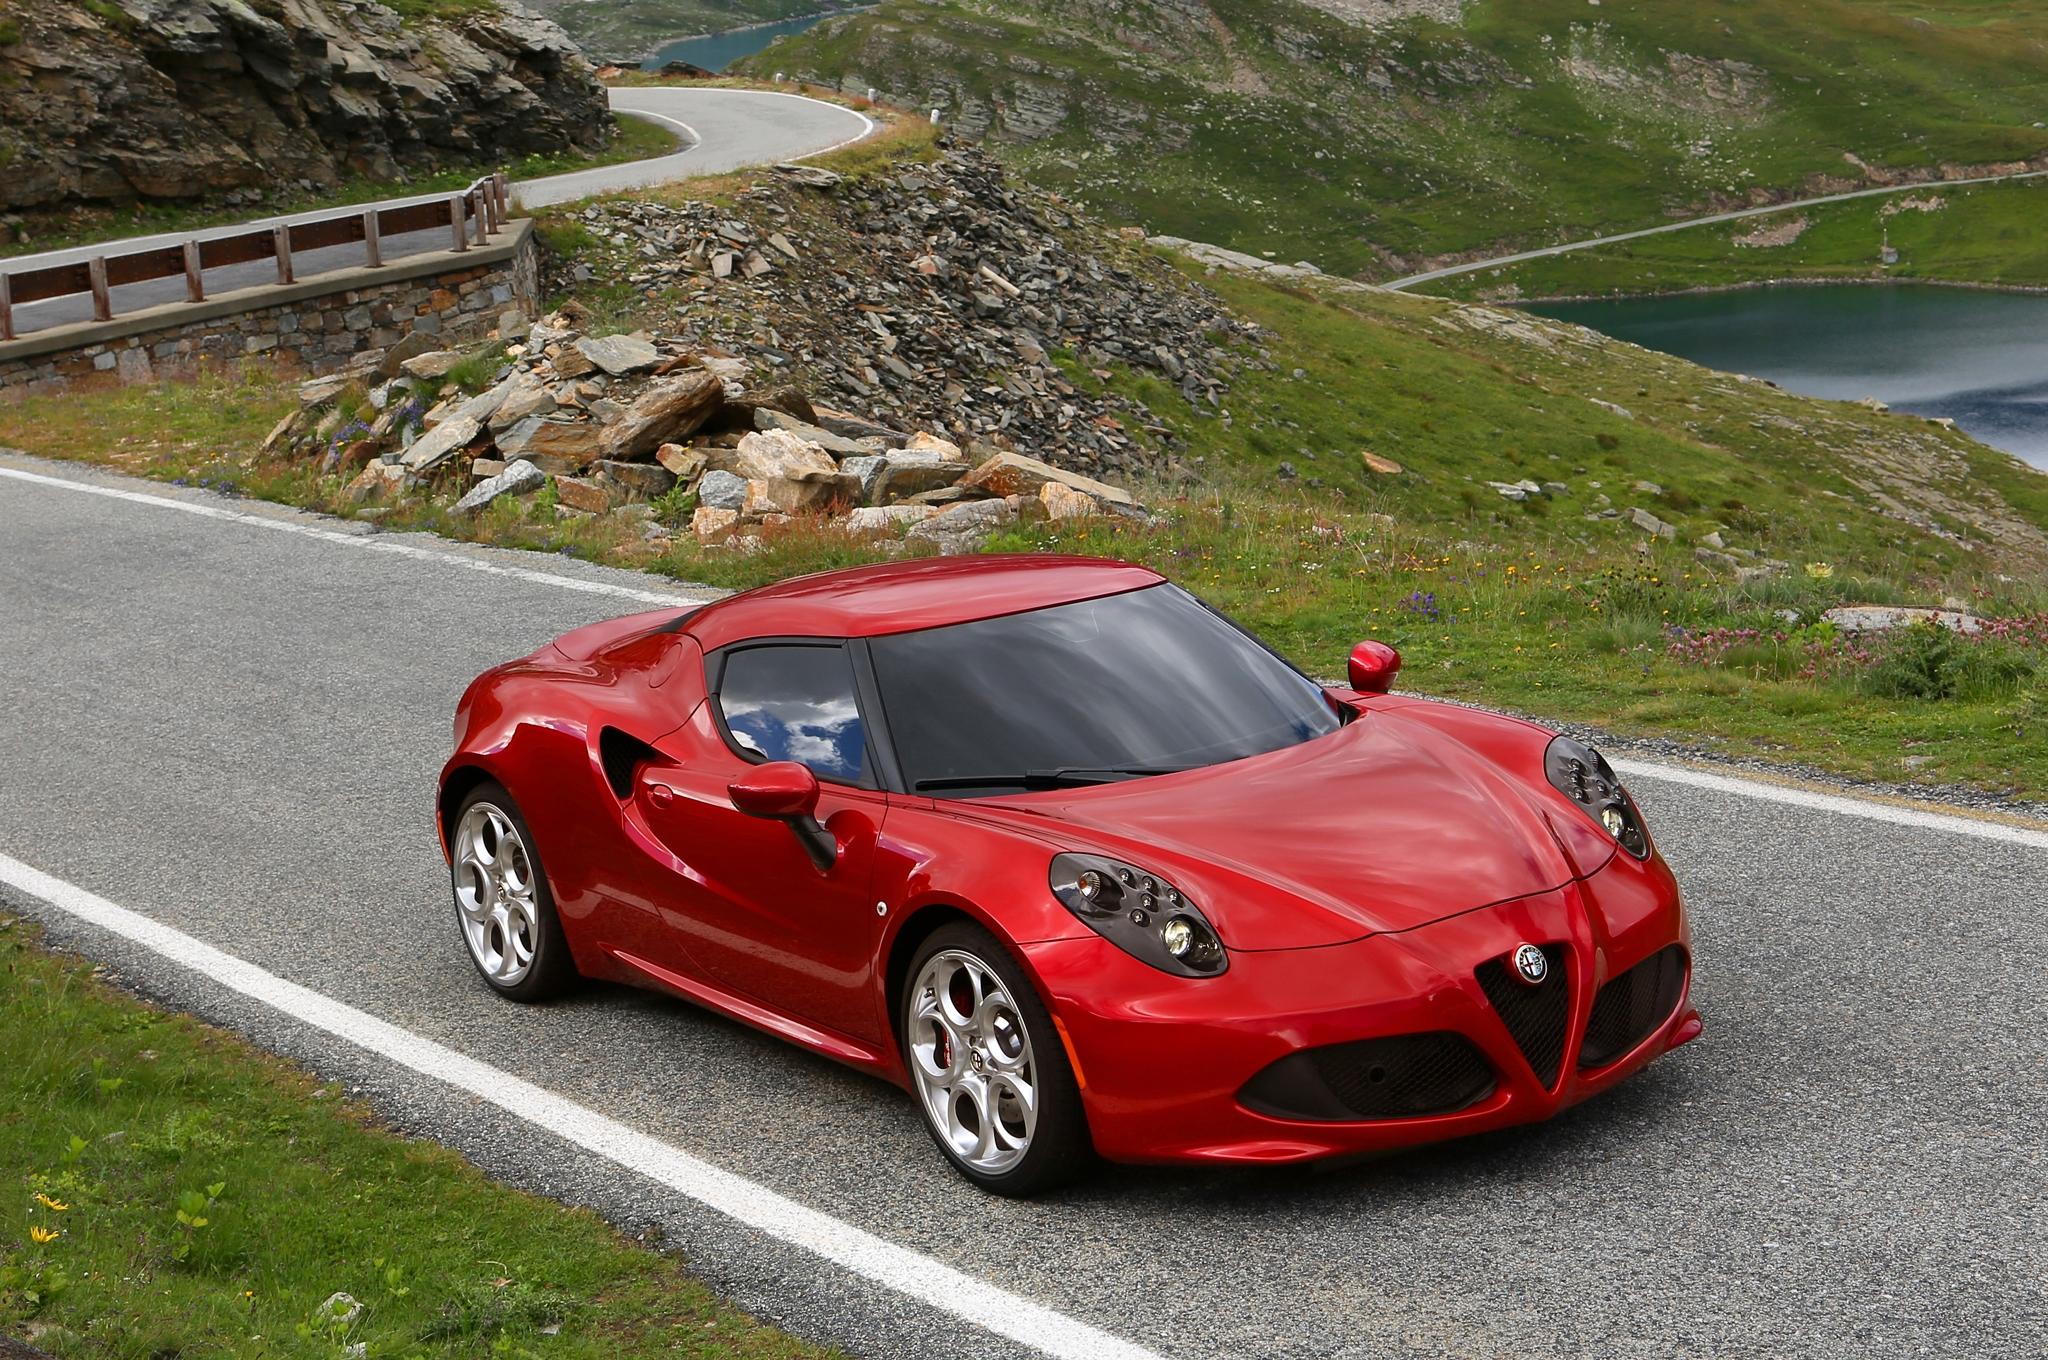 2014 Alfa Romeo 4C Red Exterior